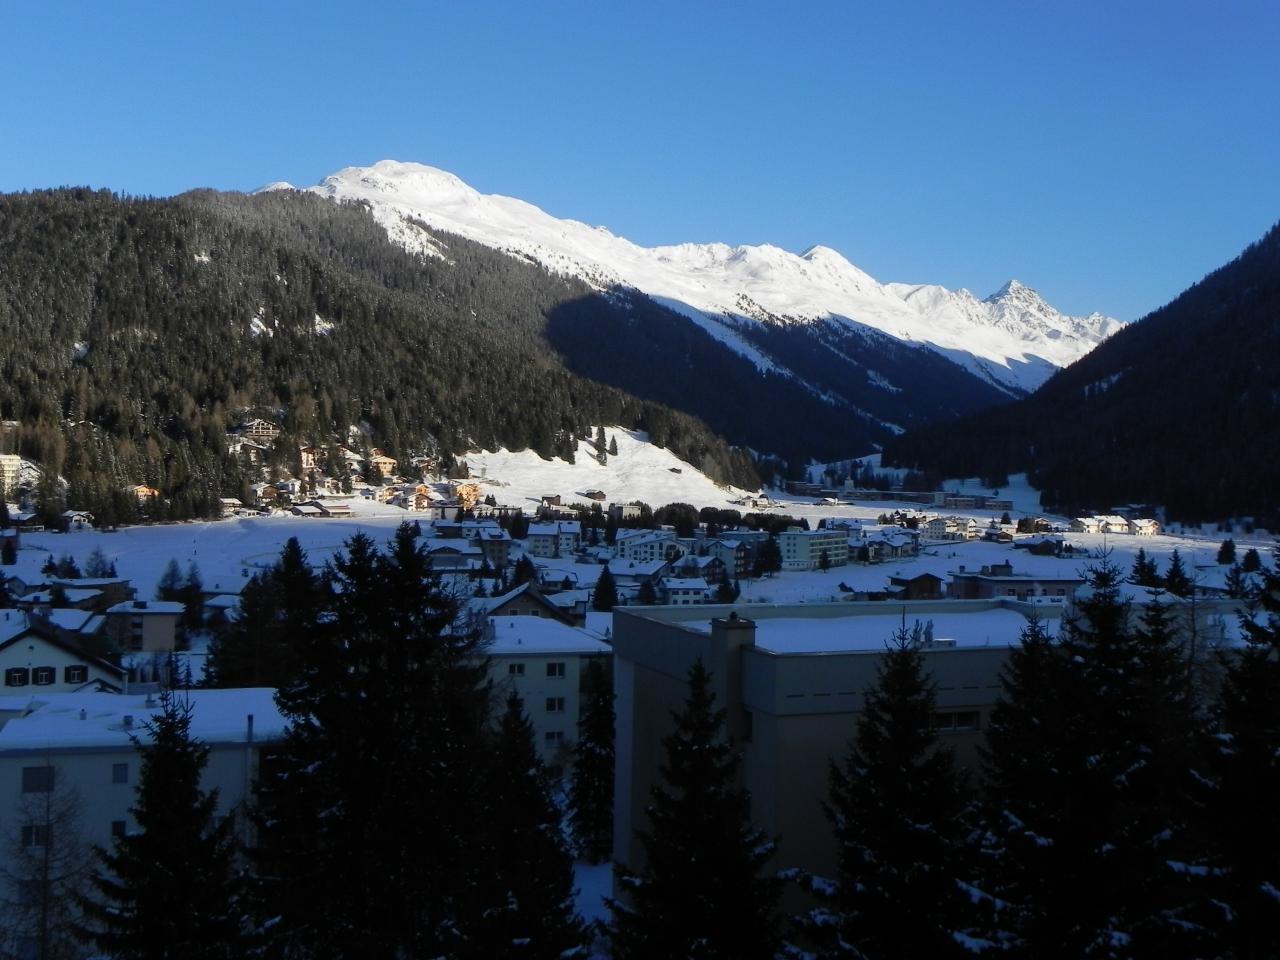 Ferienwohnung CASA JENATSCH App. 706 (1549684), Davos Dorf, Davos - Klosters - Prättigau, Graubünden, Schweiz, Bild 16